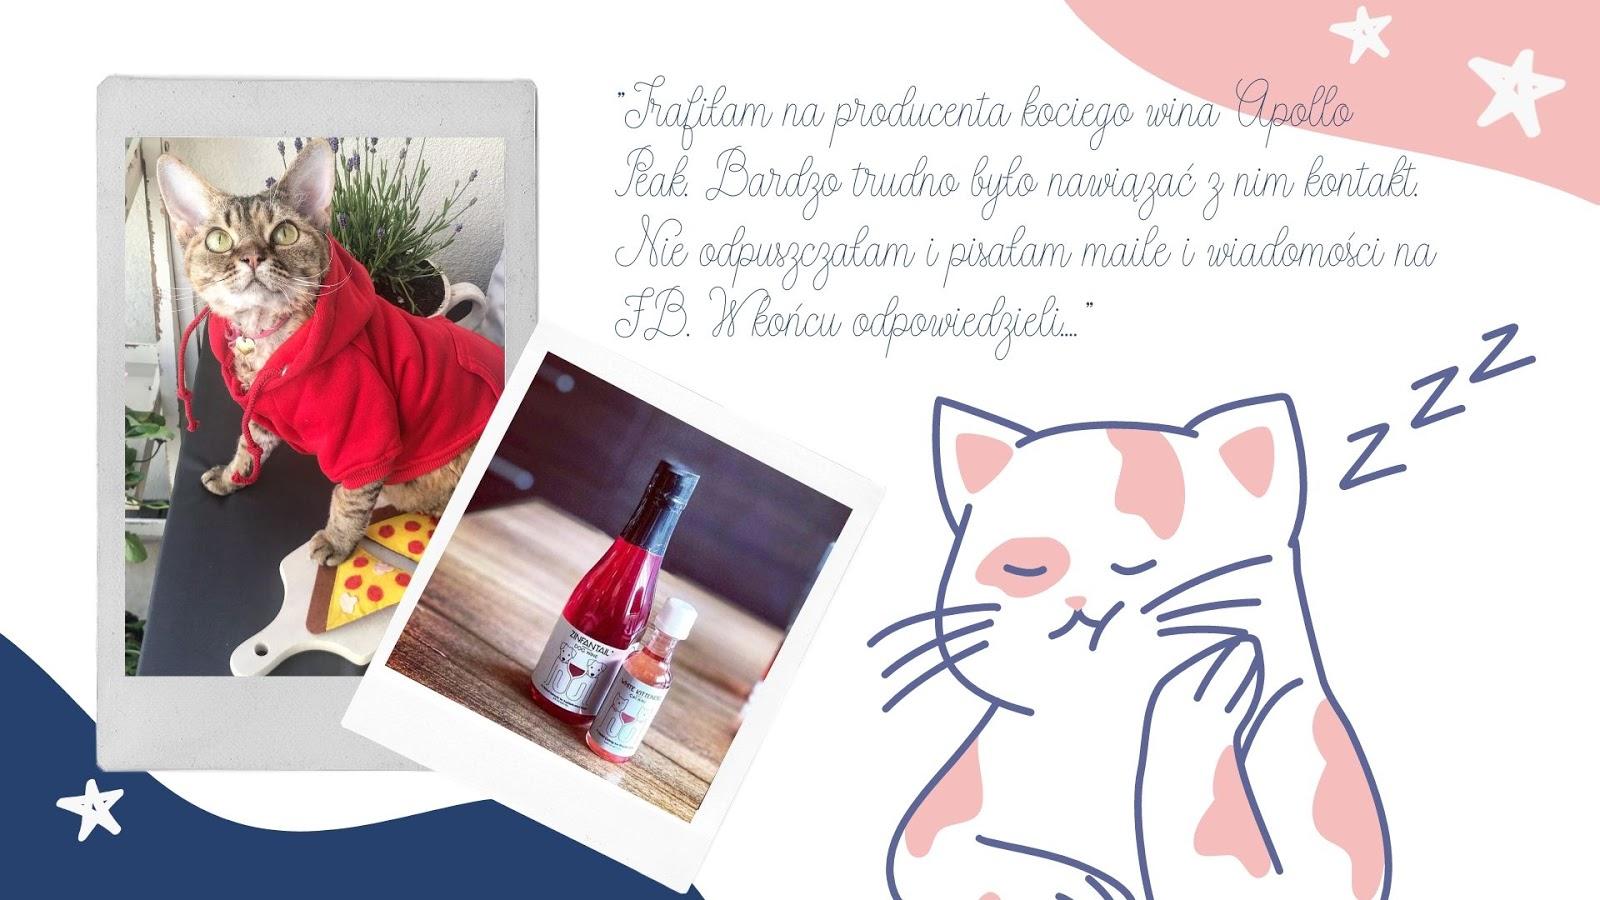 5 prezent dla kota dla właściciela kota wino szampan dla kota drapak miska eko friendly zabawki dla kota bez chemicznych dodatków i syntetycznych materiałów wyprawka dla małego kota co kupić